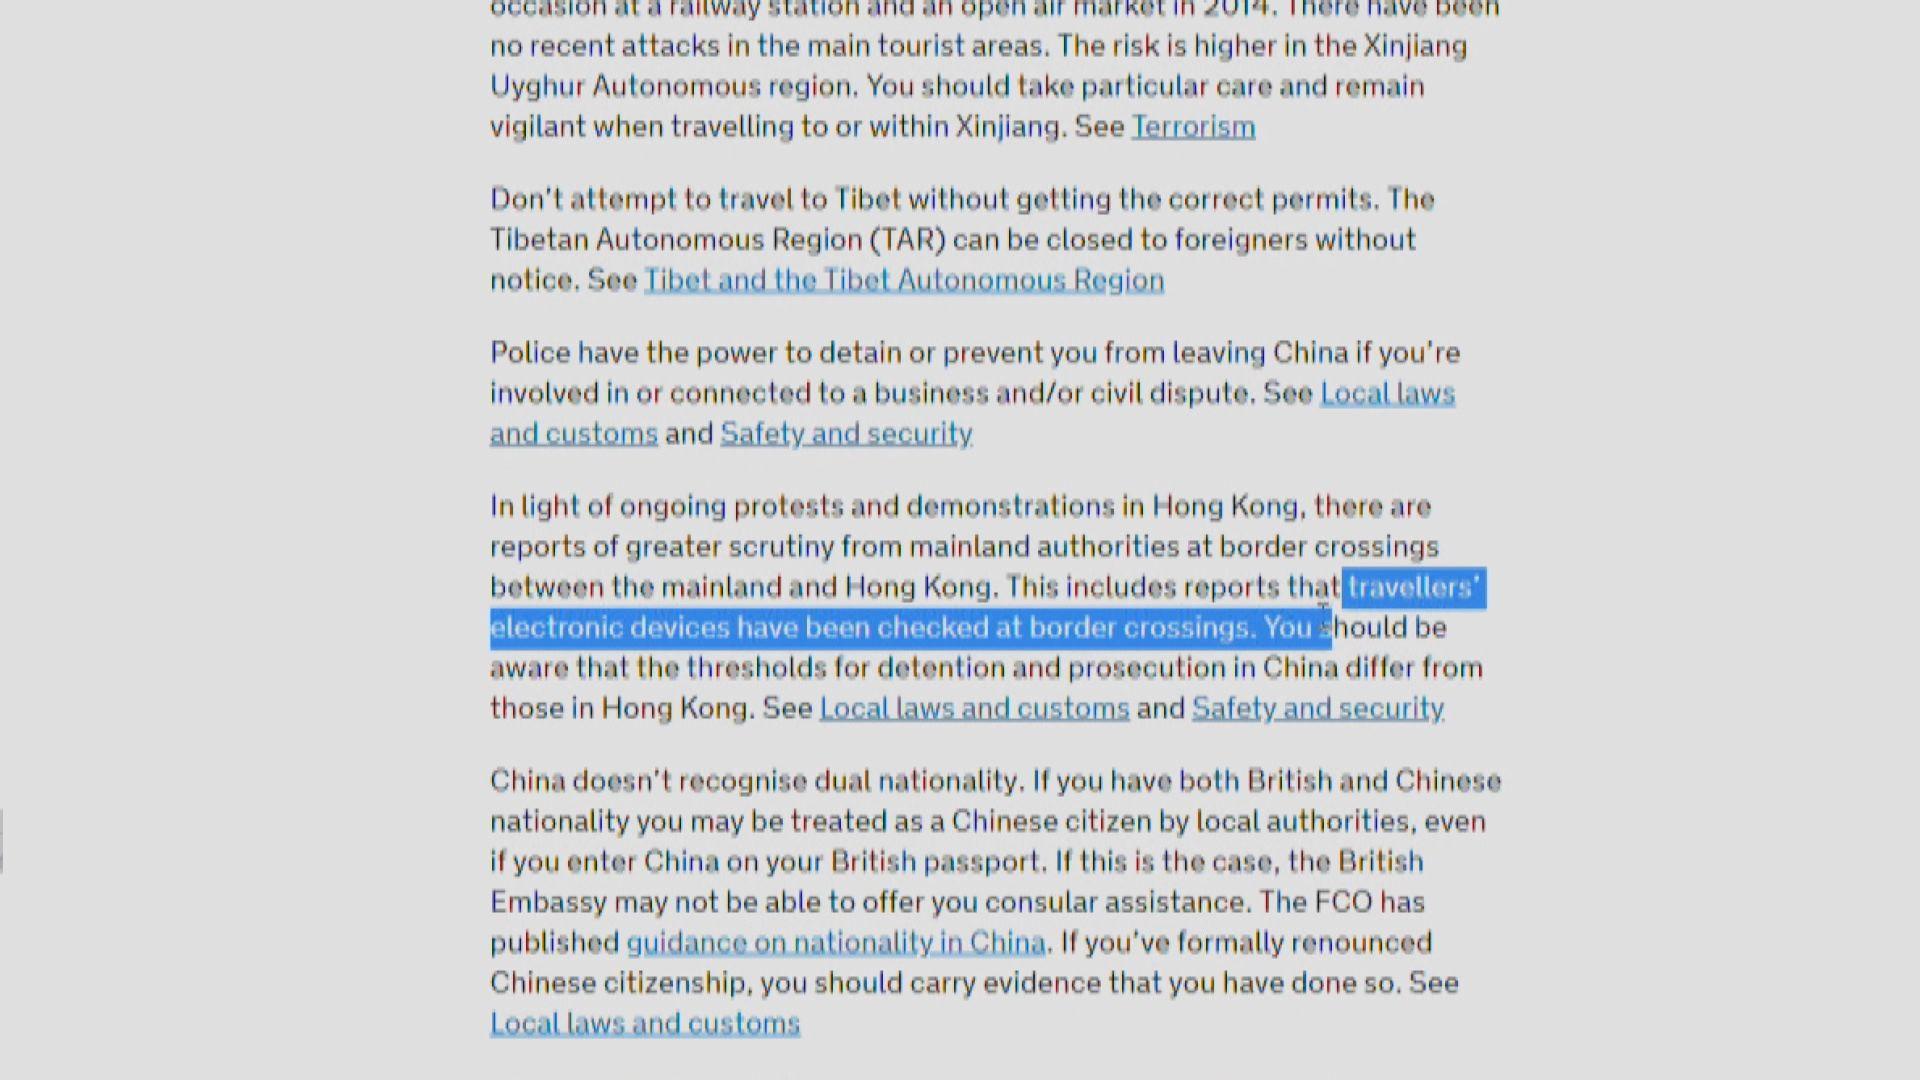 英外交部更新對中國旅遊警示